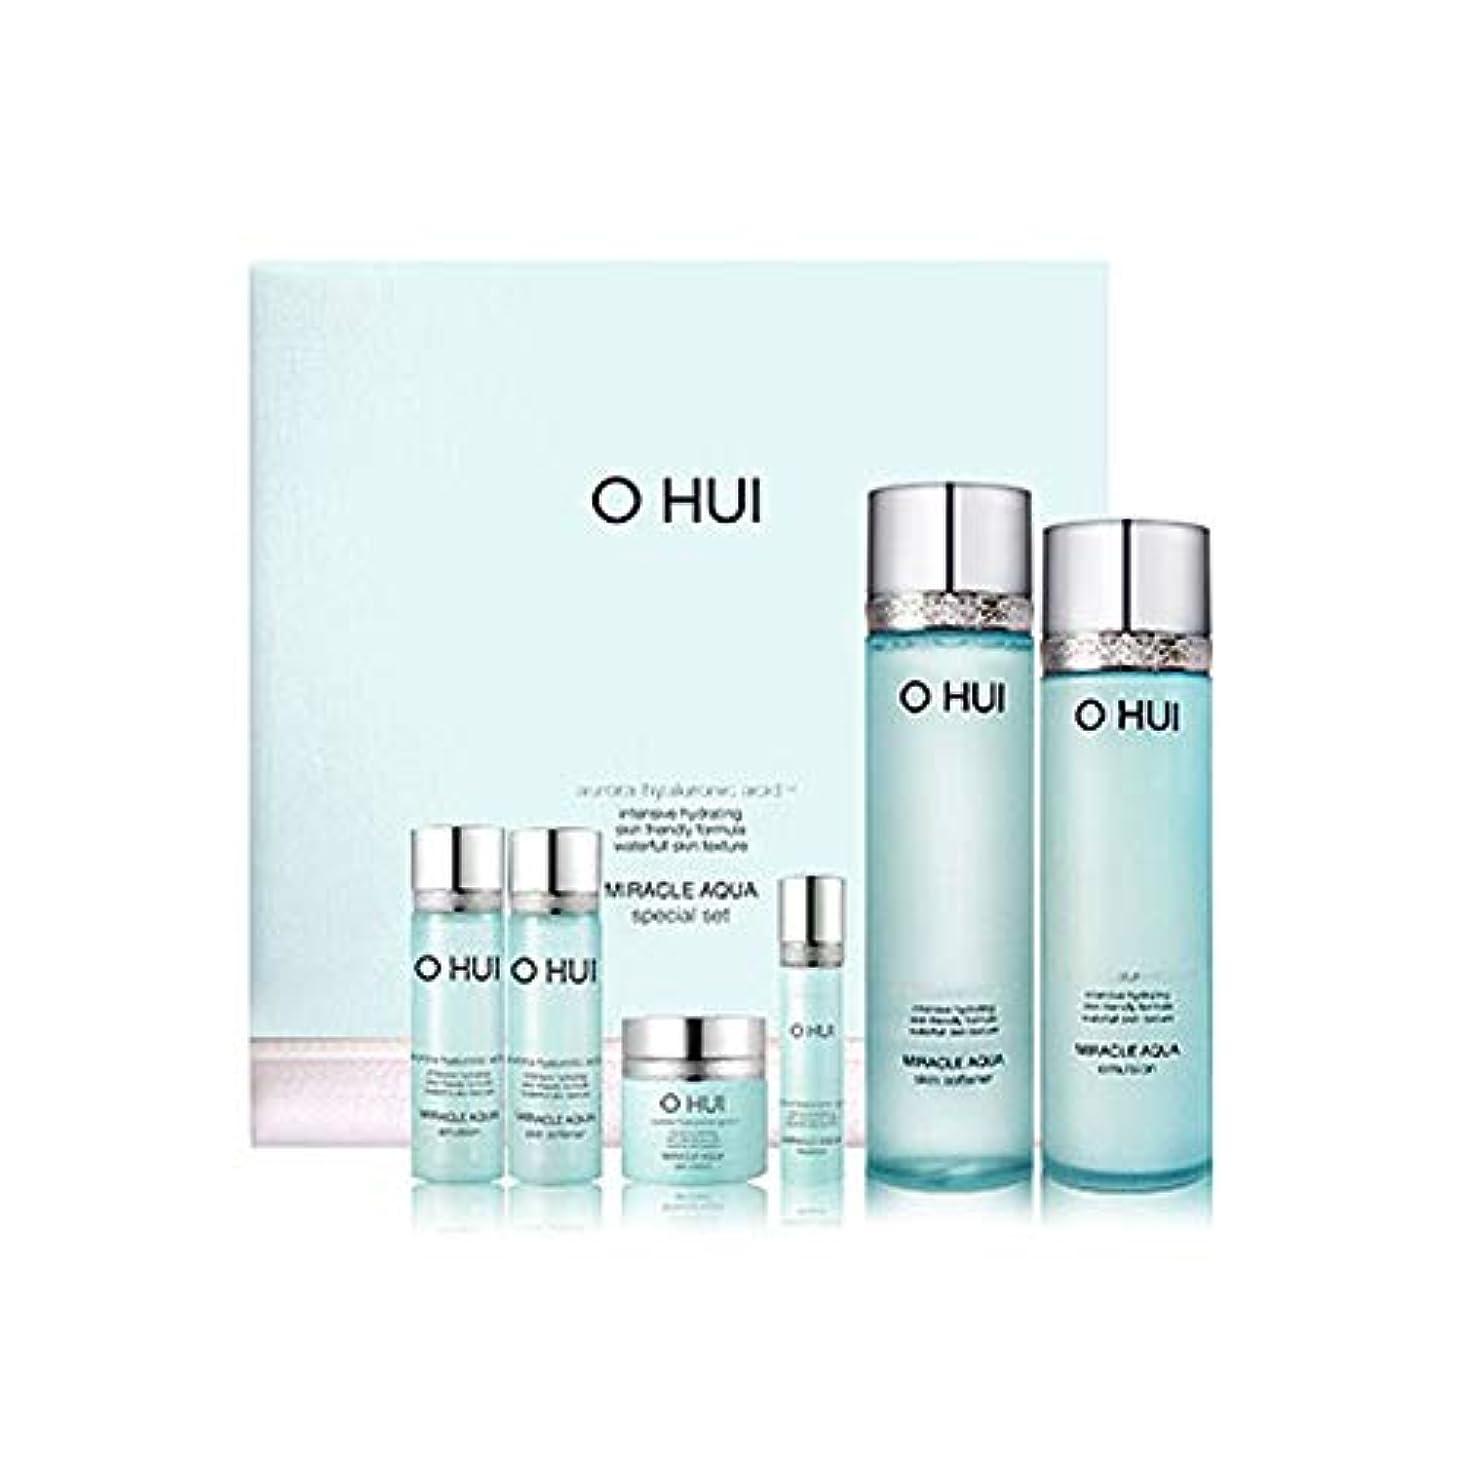 ショートカット頻繁に博覧会オフィミラクルアクアスキンソフナーエマルジョンセット韓国コスメ、O Hui Miracle Aqua Skin Softener Emulsion Set Korean Cosmetics [並行輸入品]